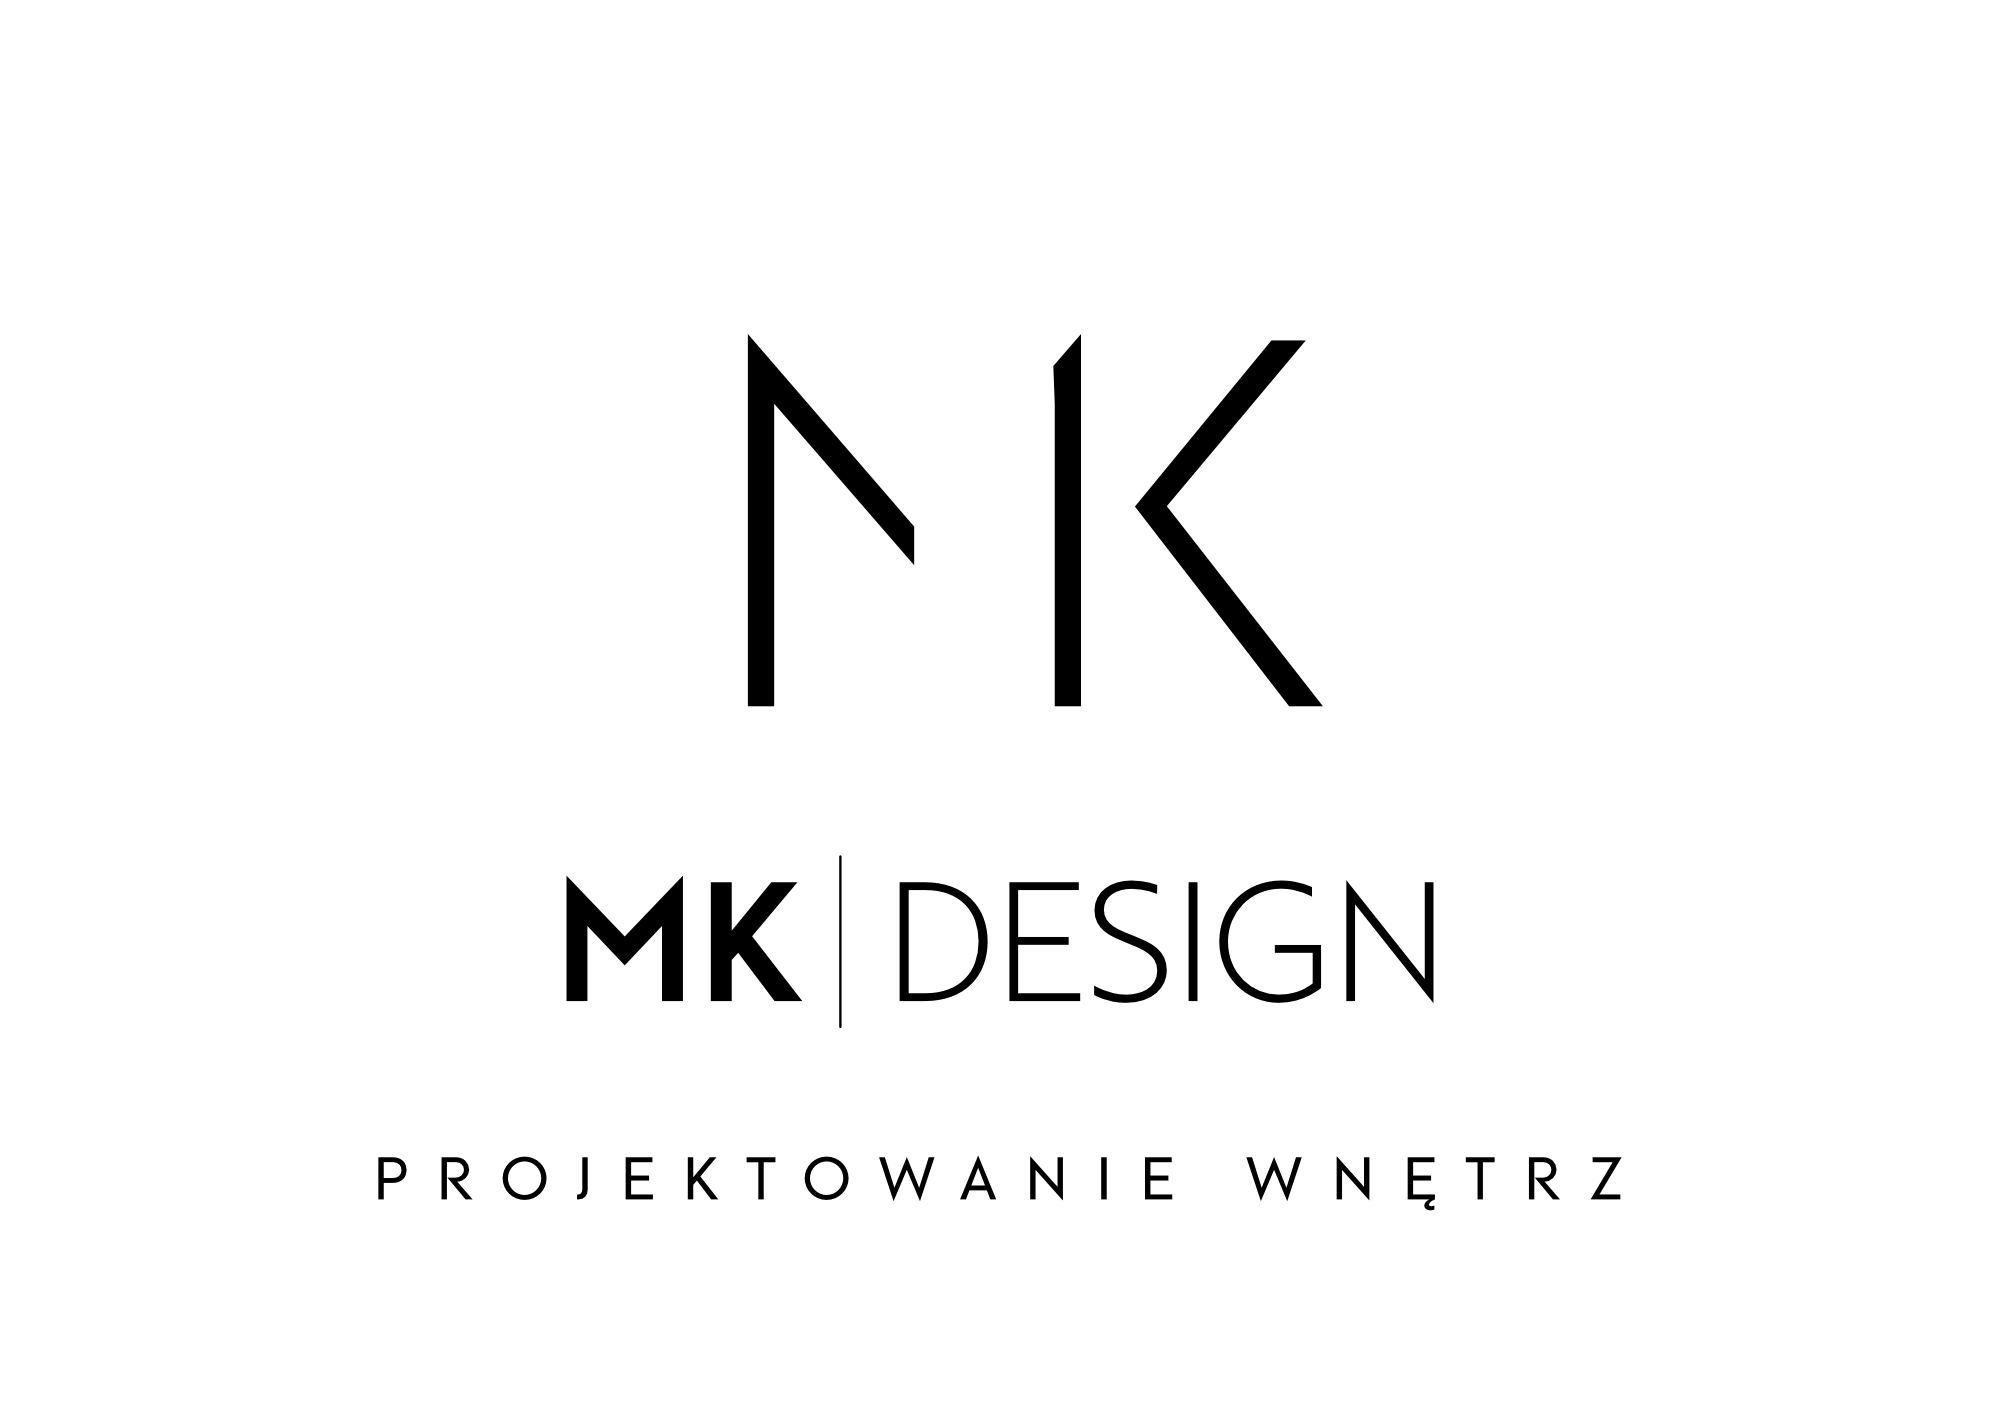 MK Design - Projektowanie Wnętrz Lubin